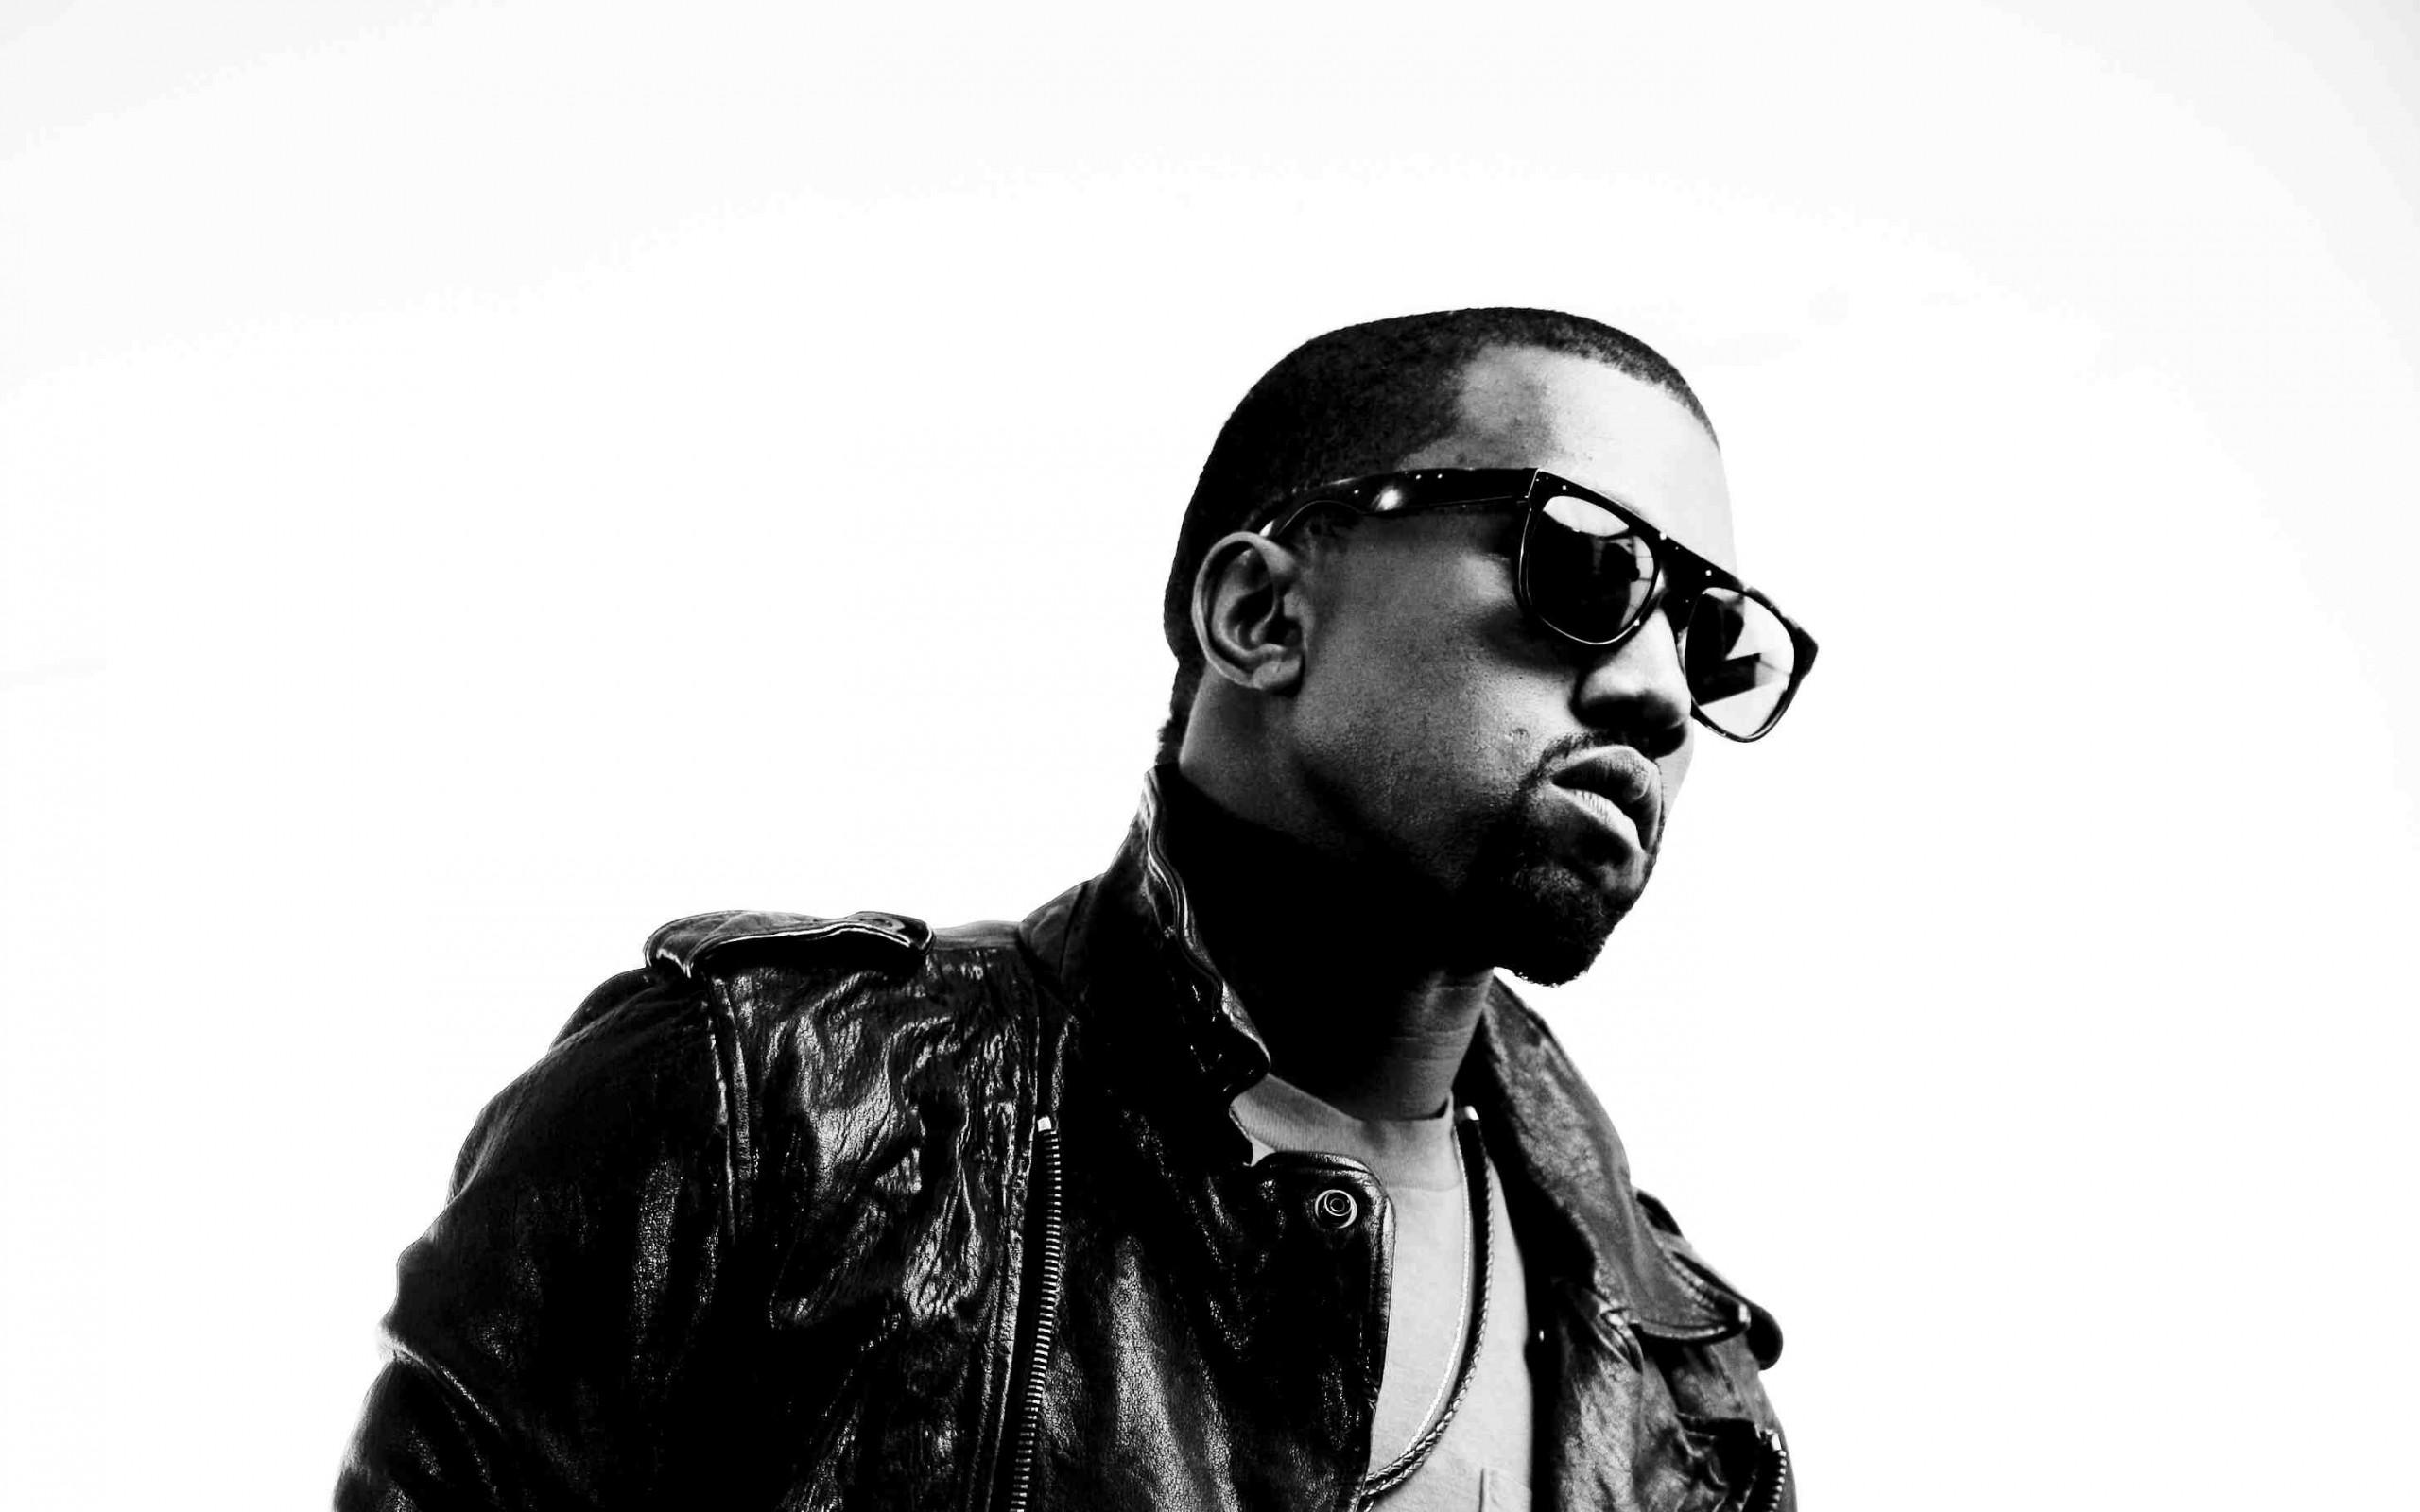 Kanye West Wallpaper Background 14963